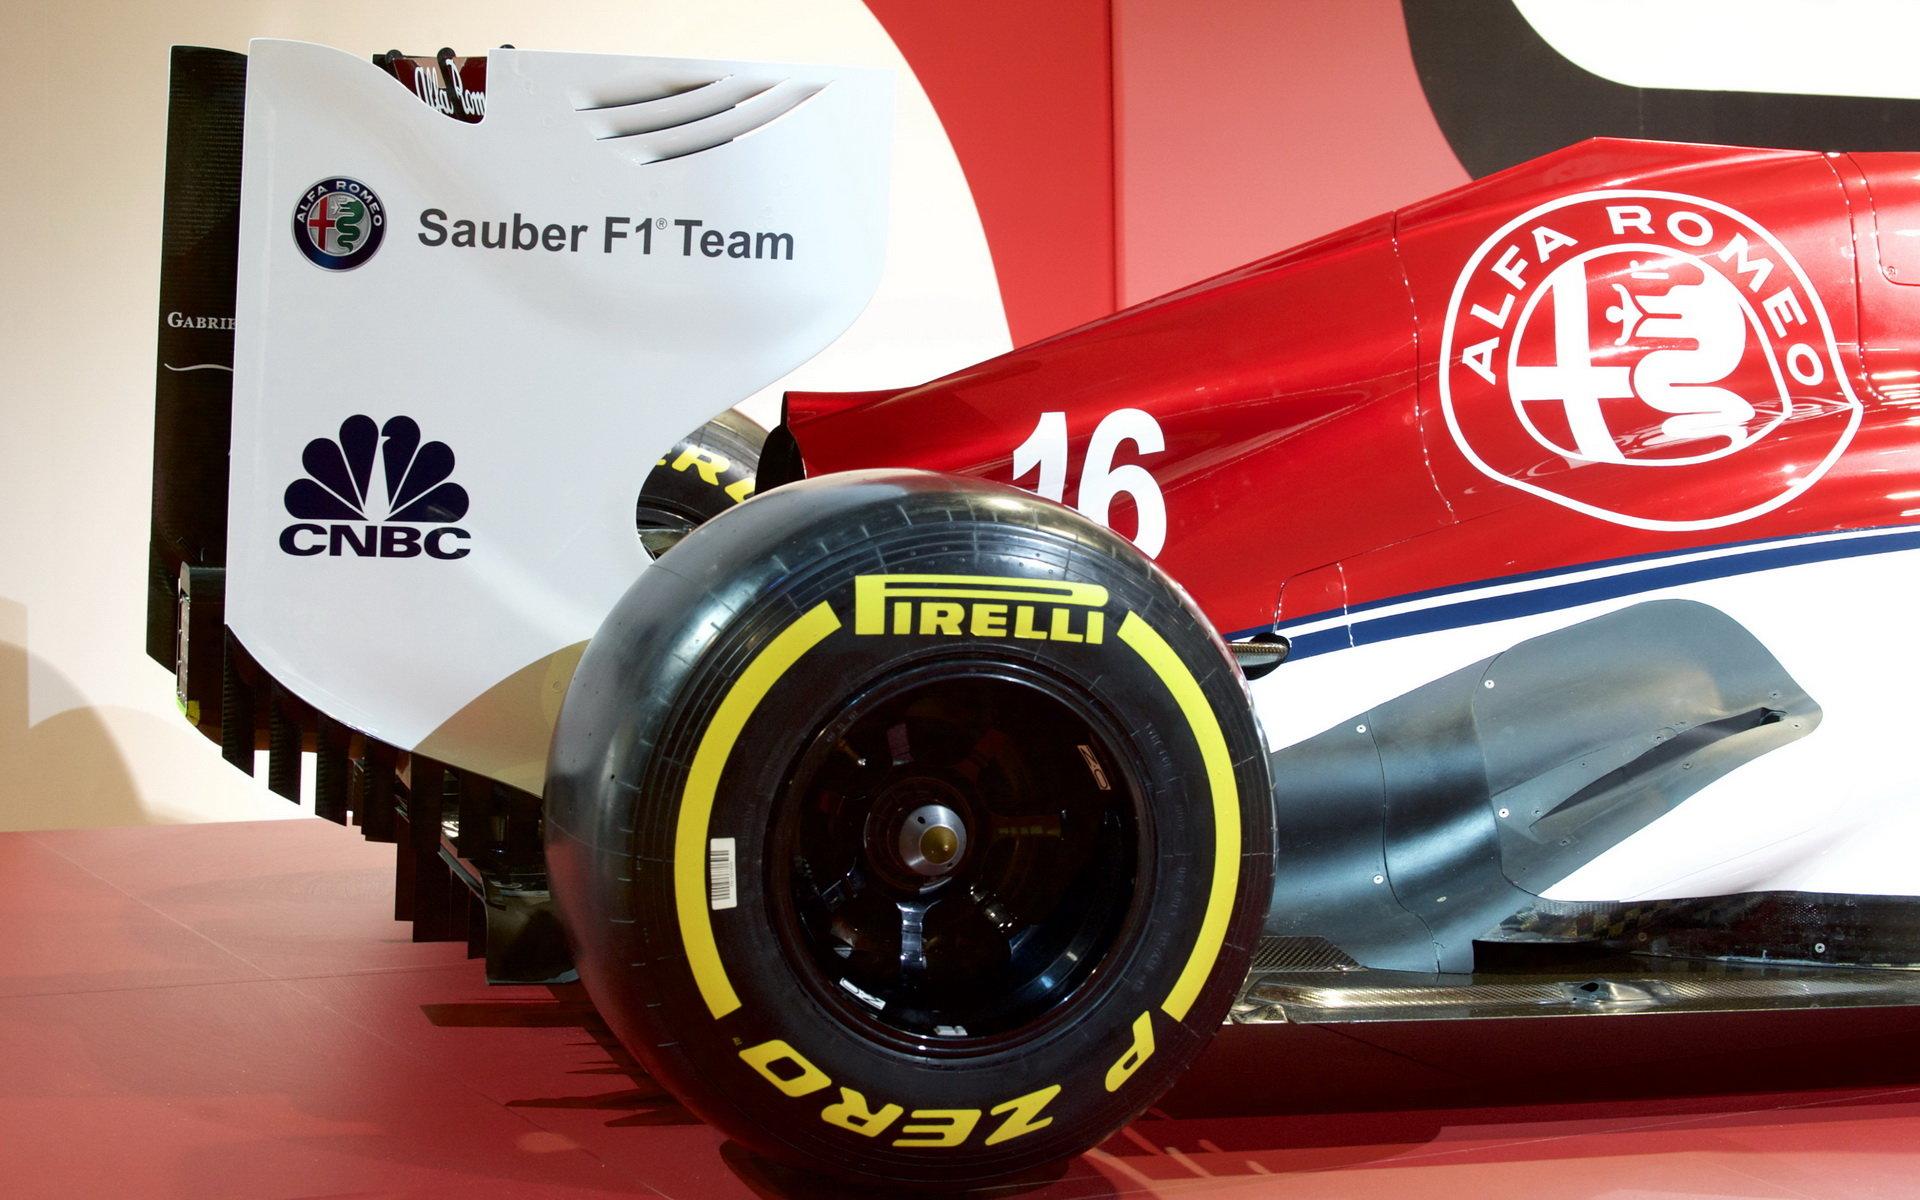 Barvy Sauberu po spojení s Alfou Romeo